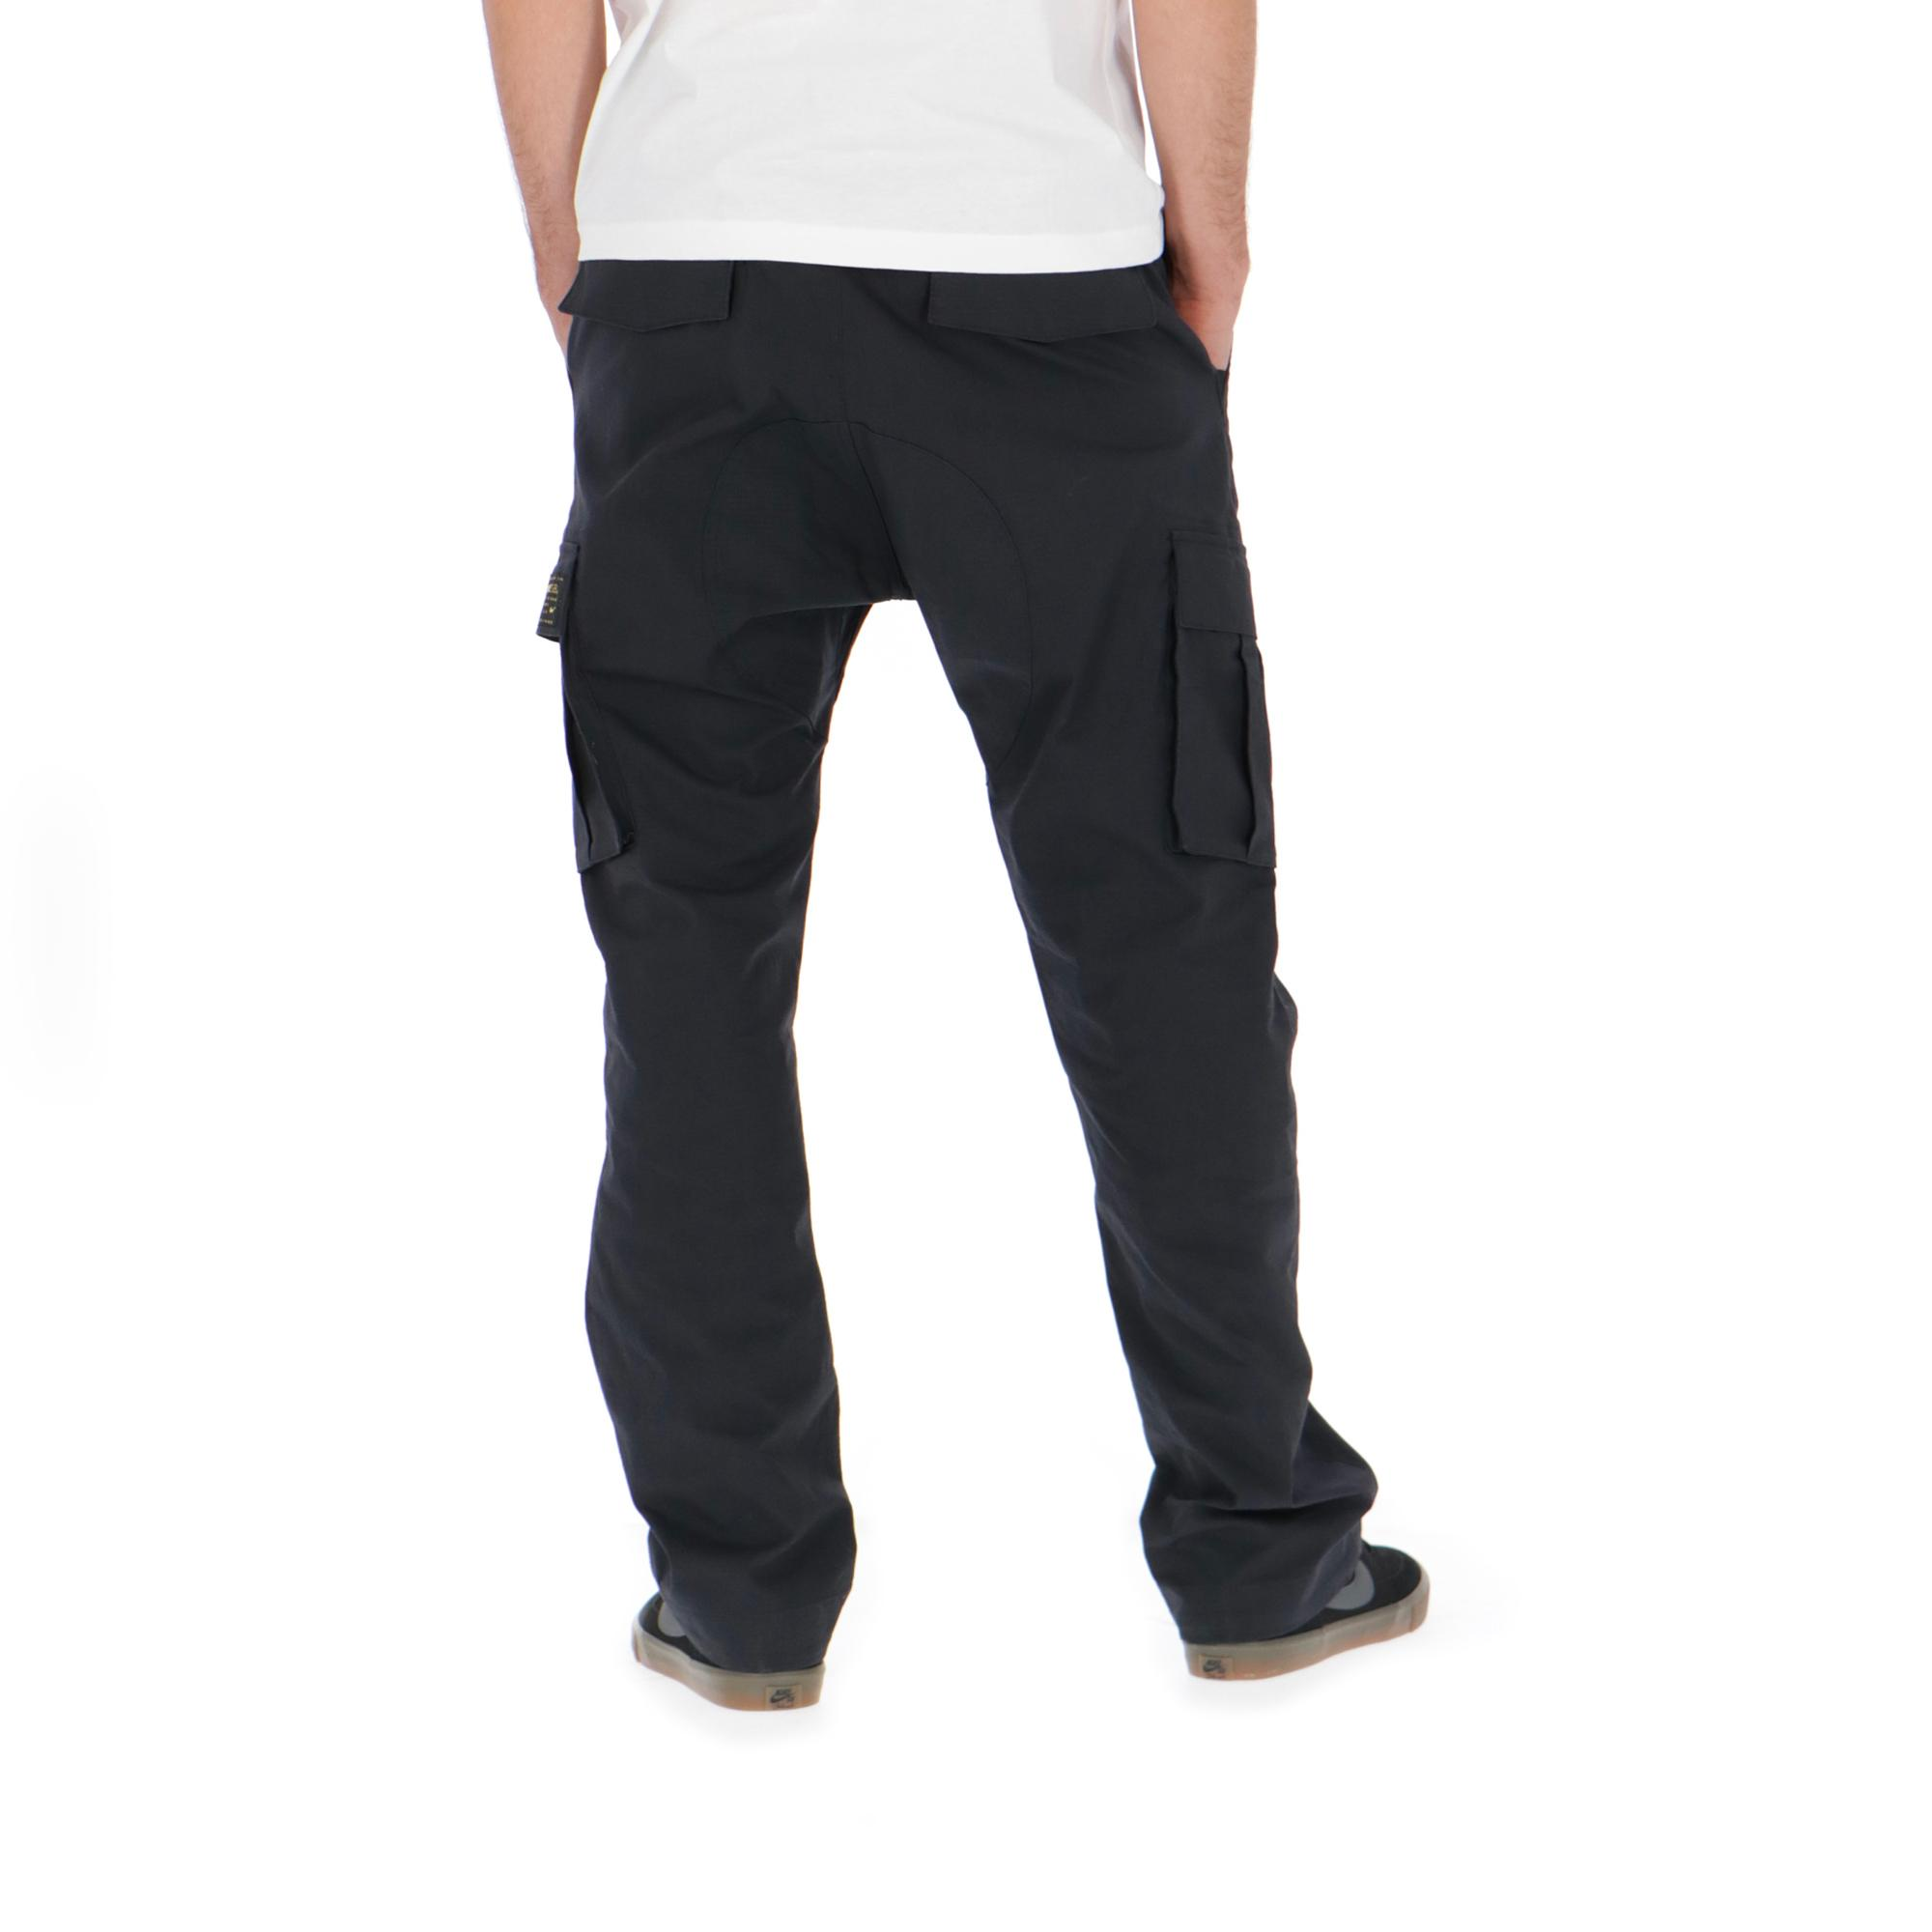 ab7afa5be76 Nike Sb Flex Pant Ftm Cargo Black | Treesse